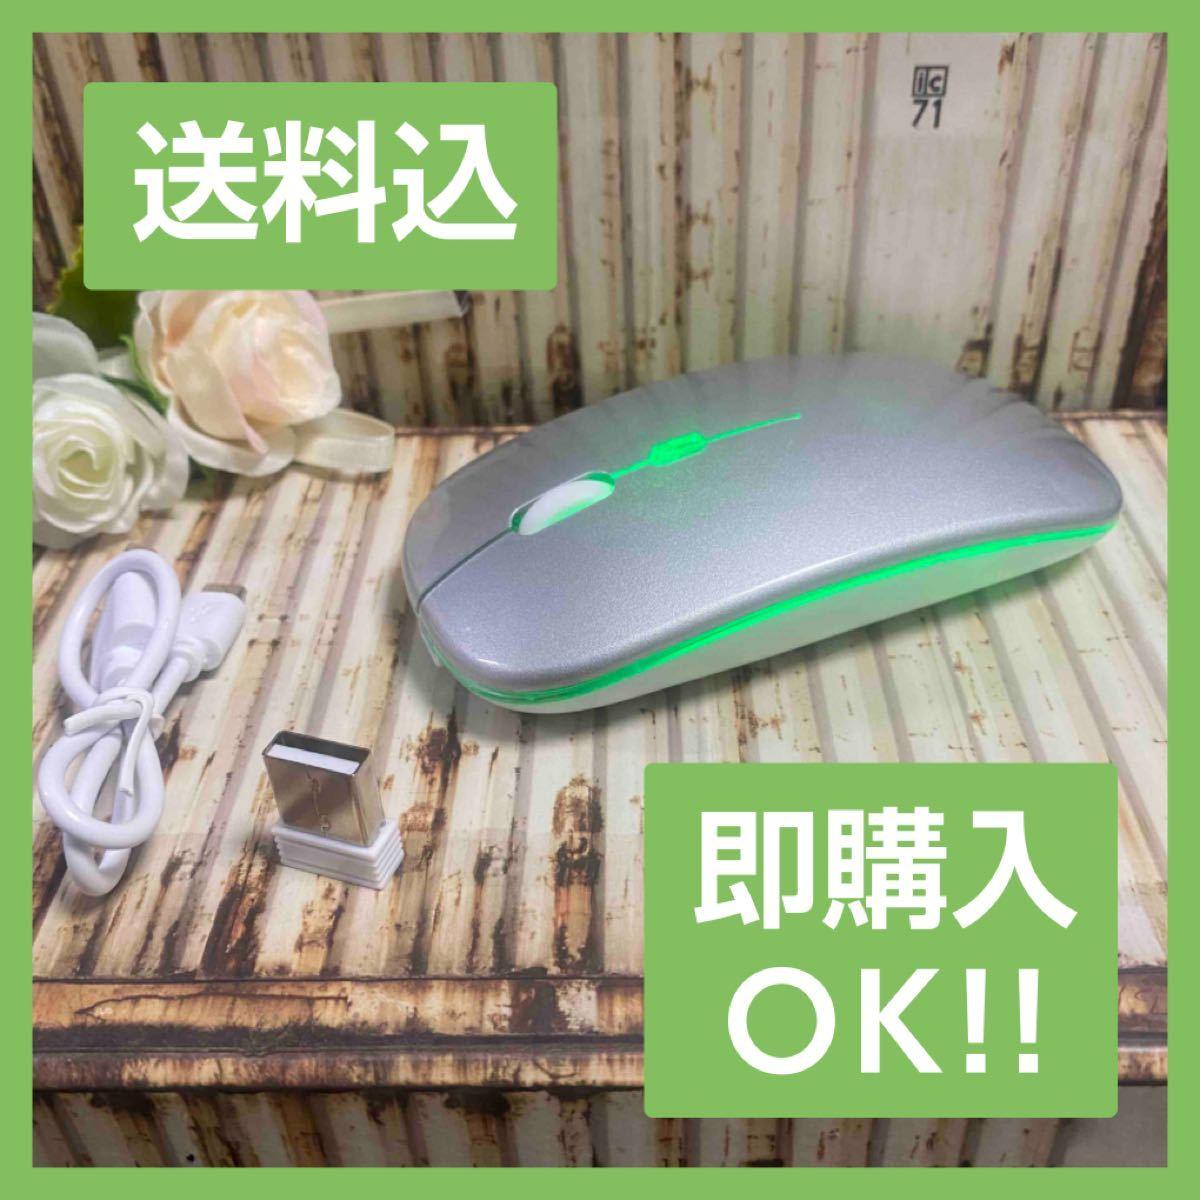 メタリックシルバー【7色LEDランプ】ワイヤレスマウス 充電式 静音無線マウス